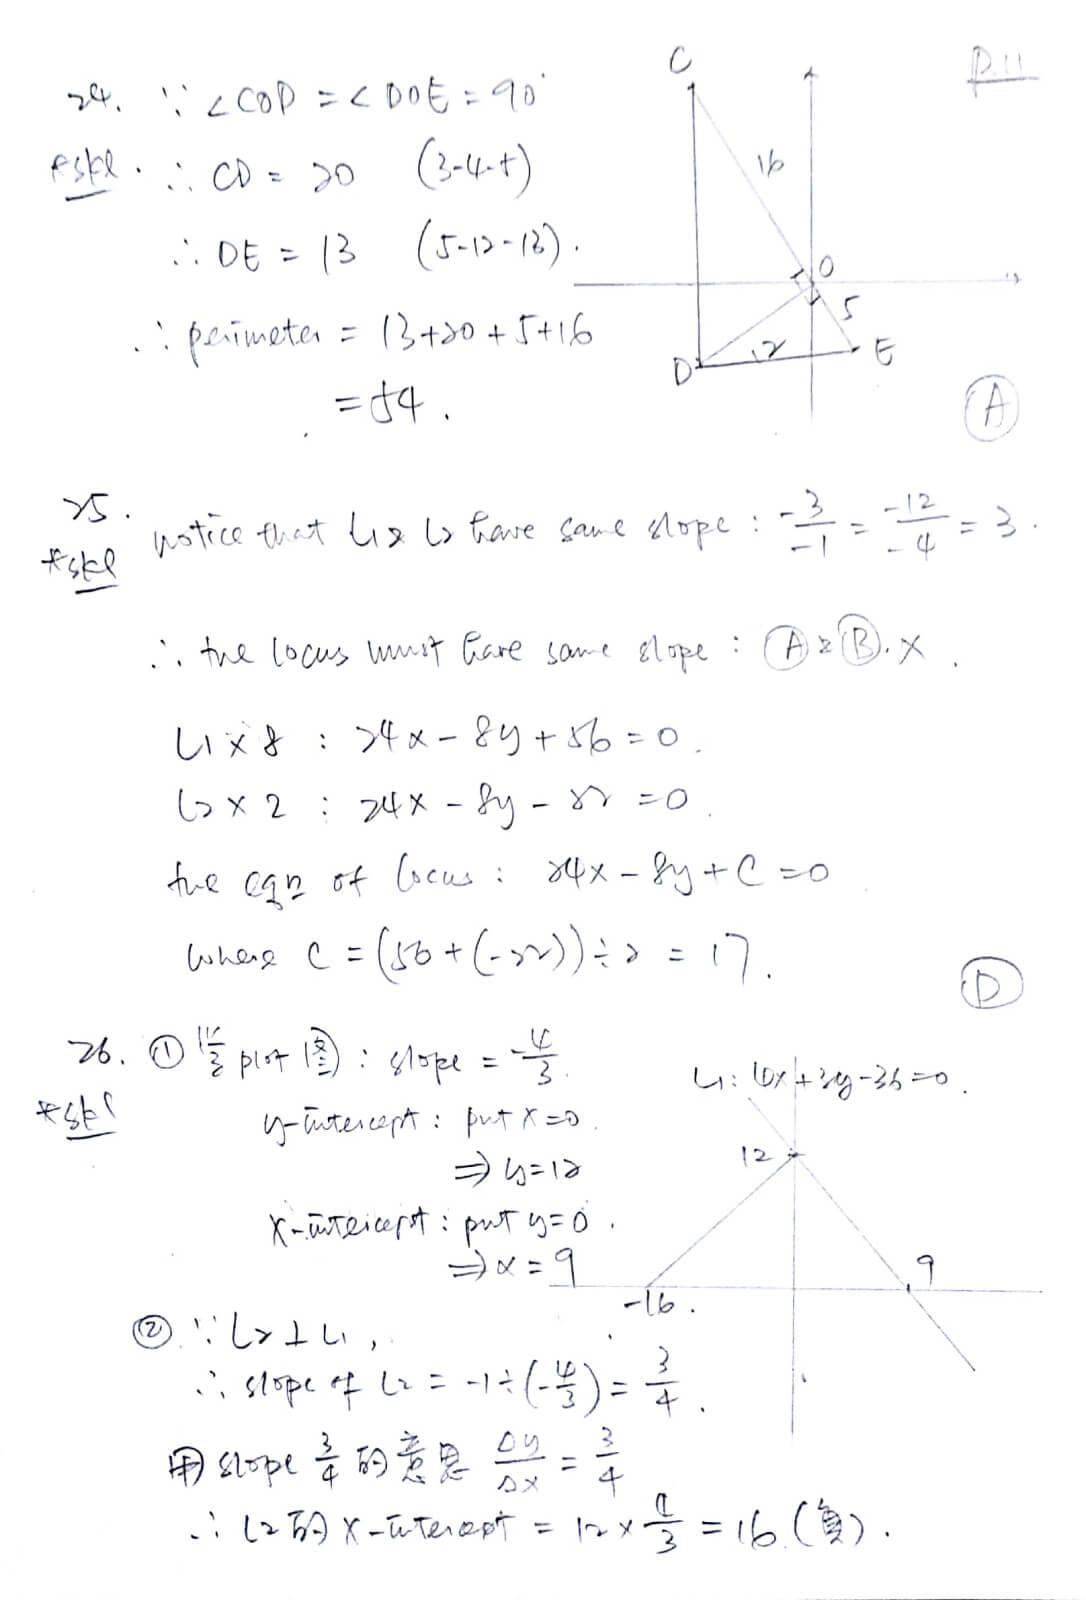 2018 DSE 數學卷二(MC) 詳細答案 Q24,25,26